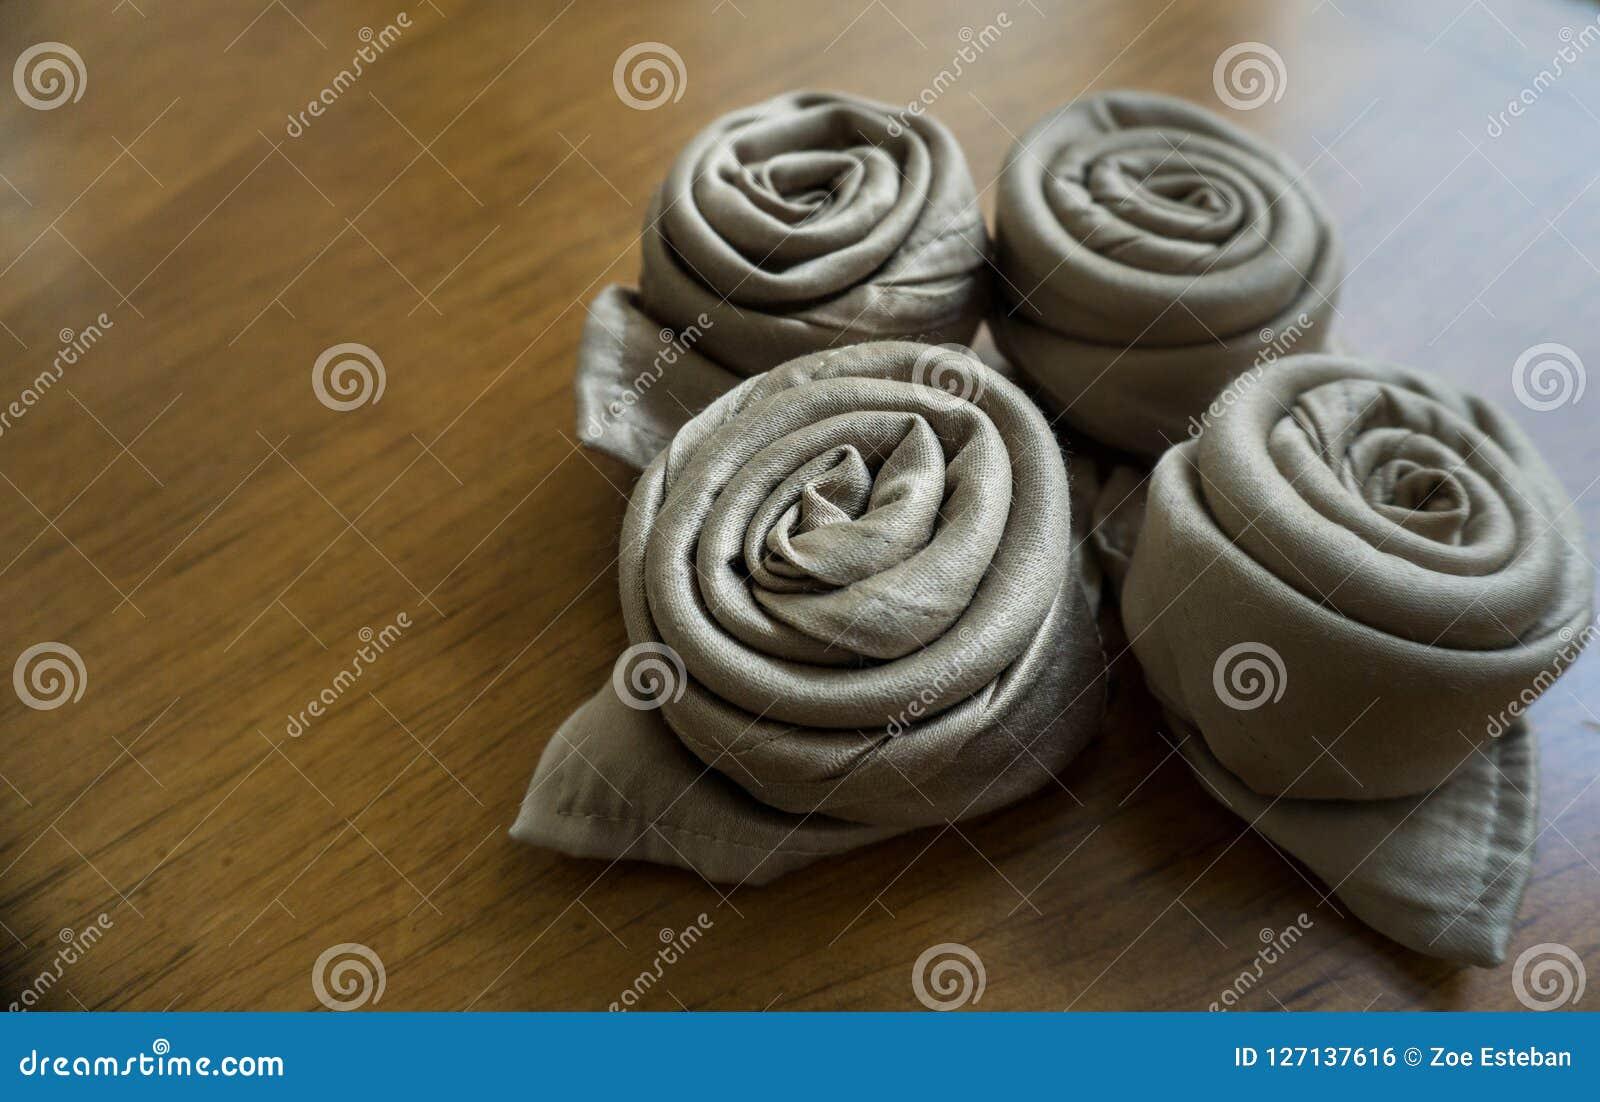 Cuatro rosas de oro de la papiroflexia de la servilleta sobre un fondo de madera listo para los eventos, las celebraciones de los